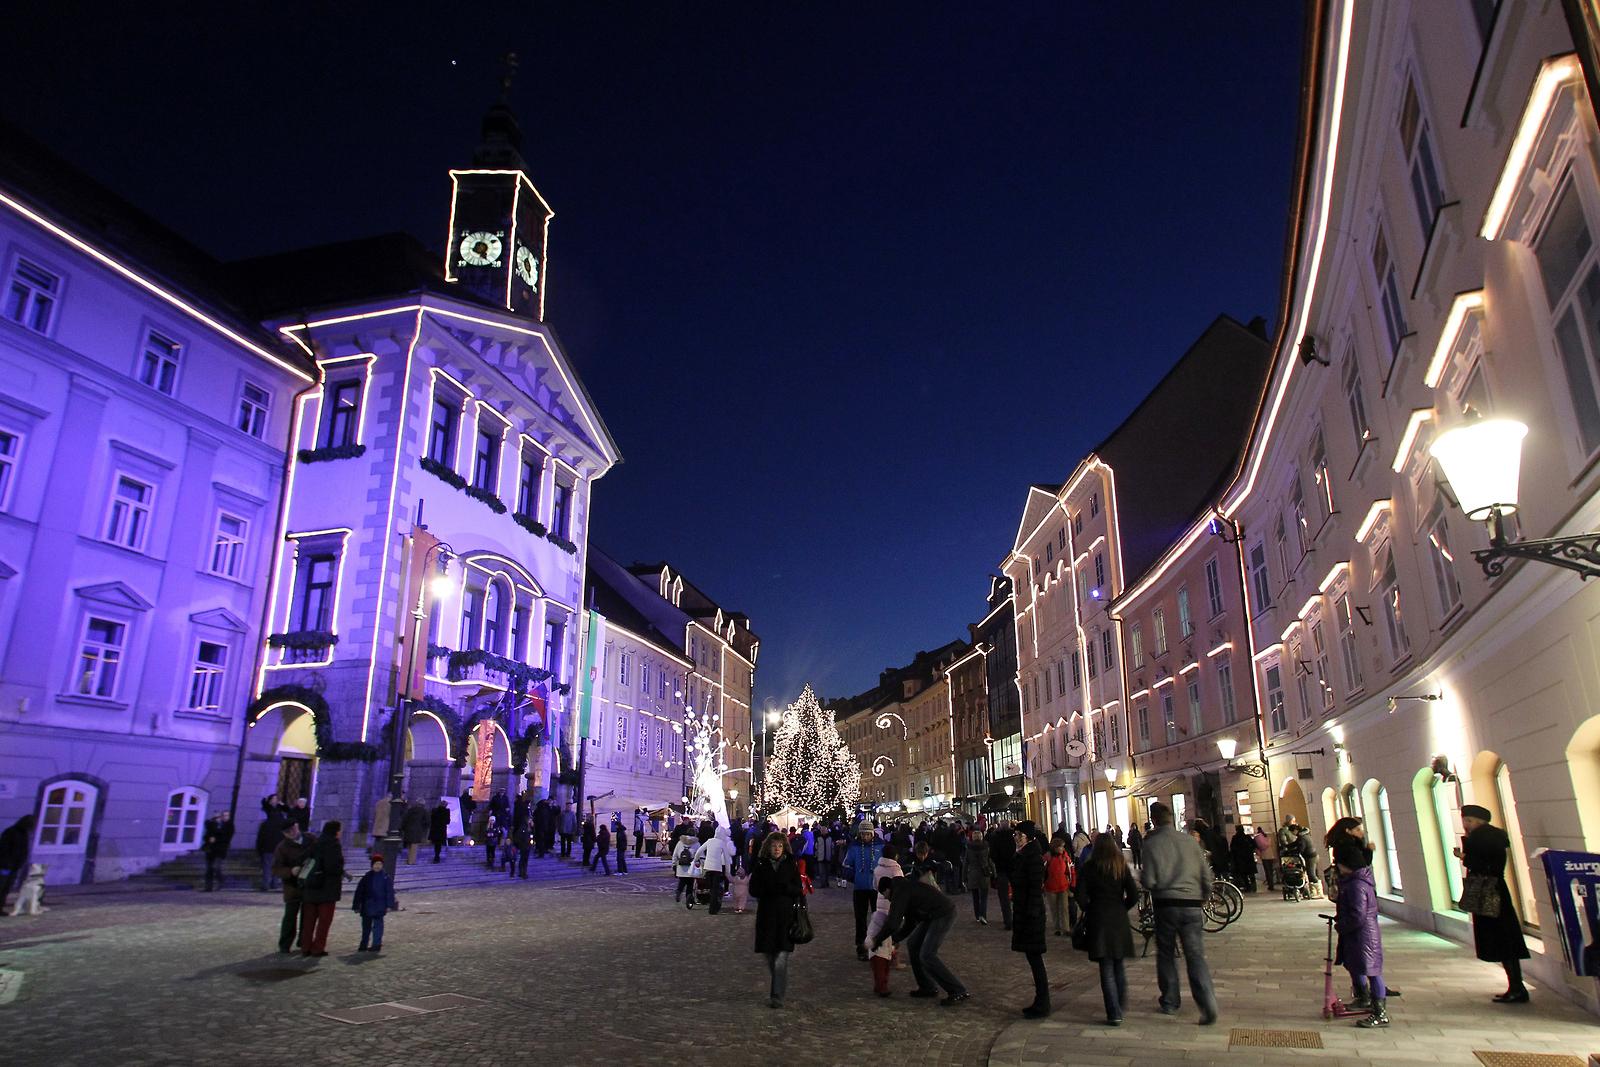 Ayuntamiento de Liubliana en Navidad, www.slovenia.info, Avtor: Ales Fevzer